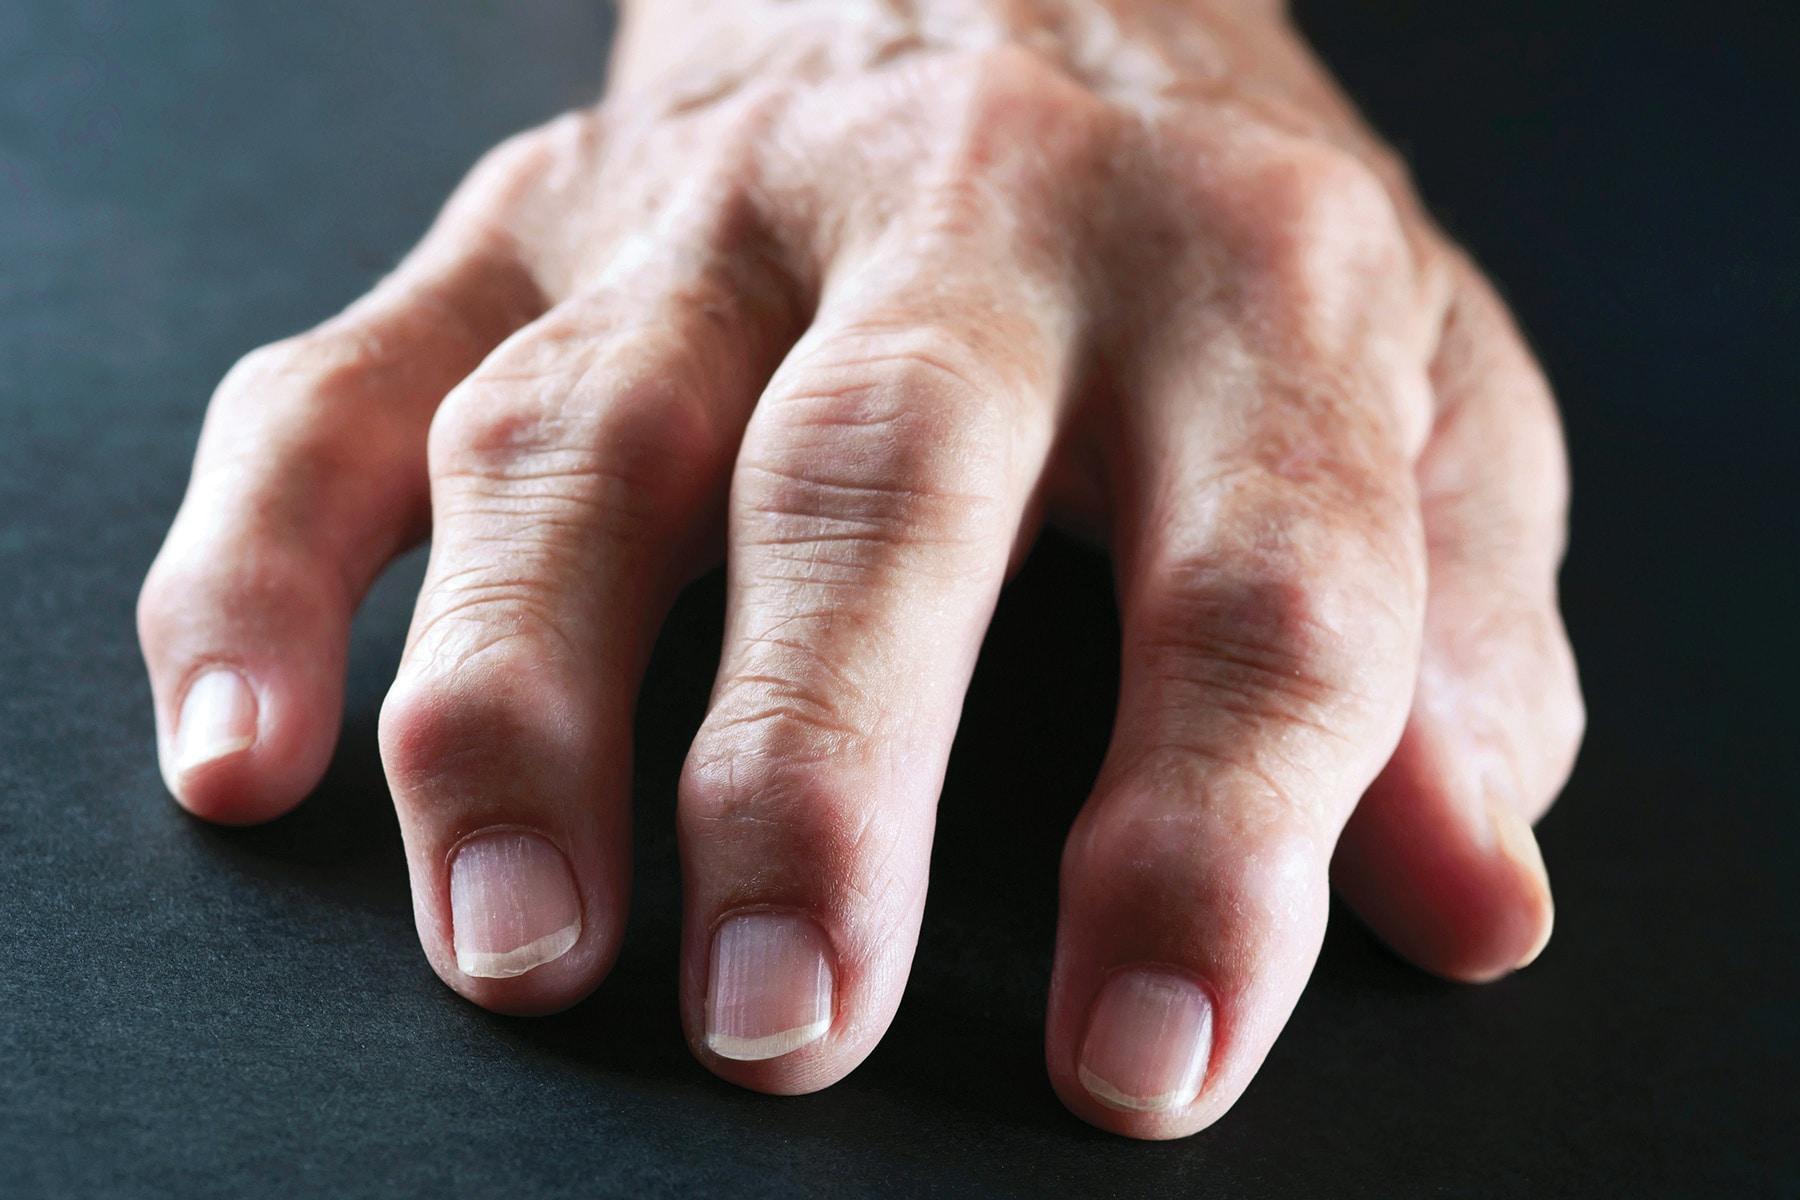 روماتیسم مفصلی در دستان